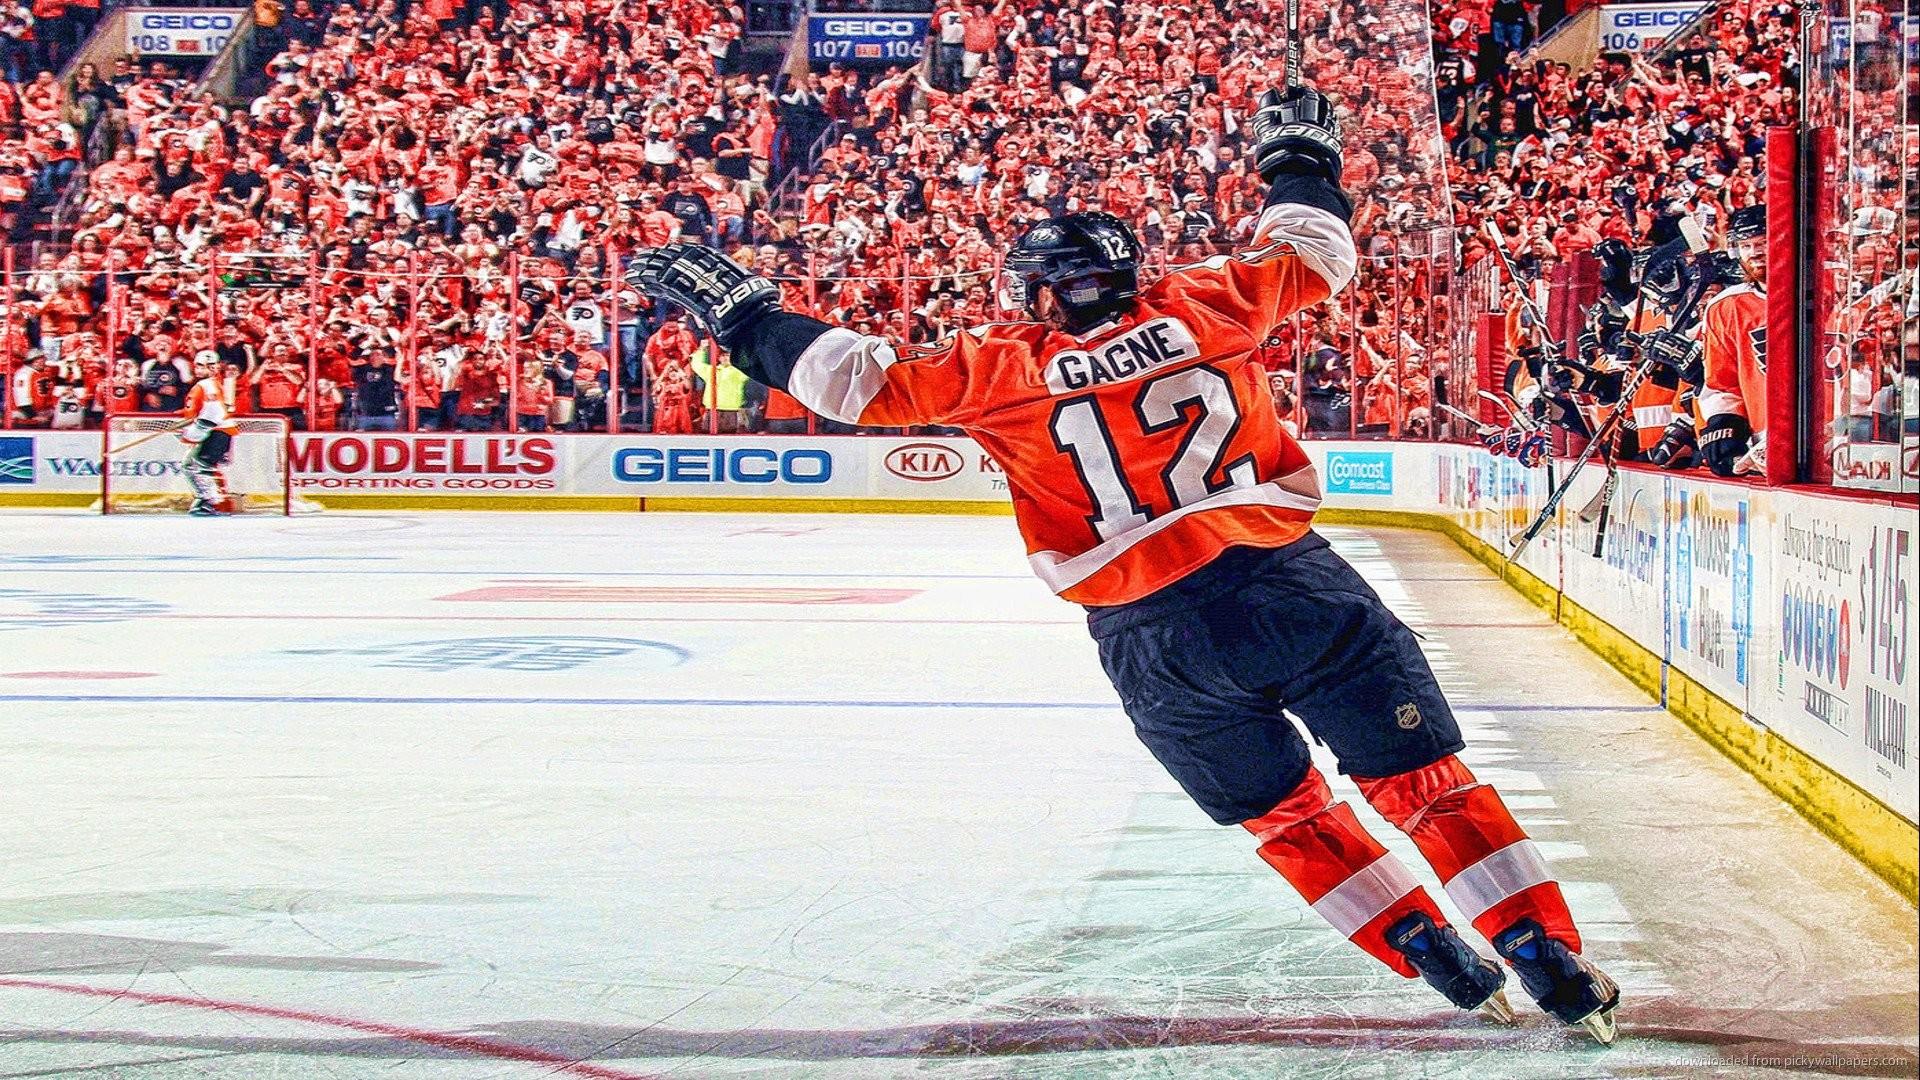 HD Philadelphia Flyer Ice Hockey Wallpaper Ultra HD Full Size .